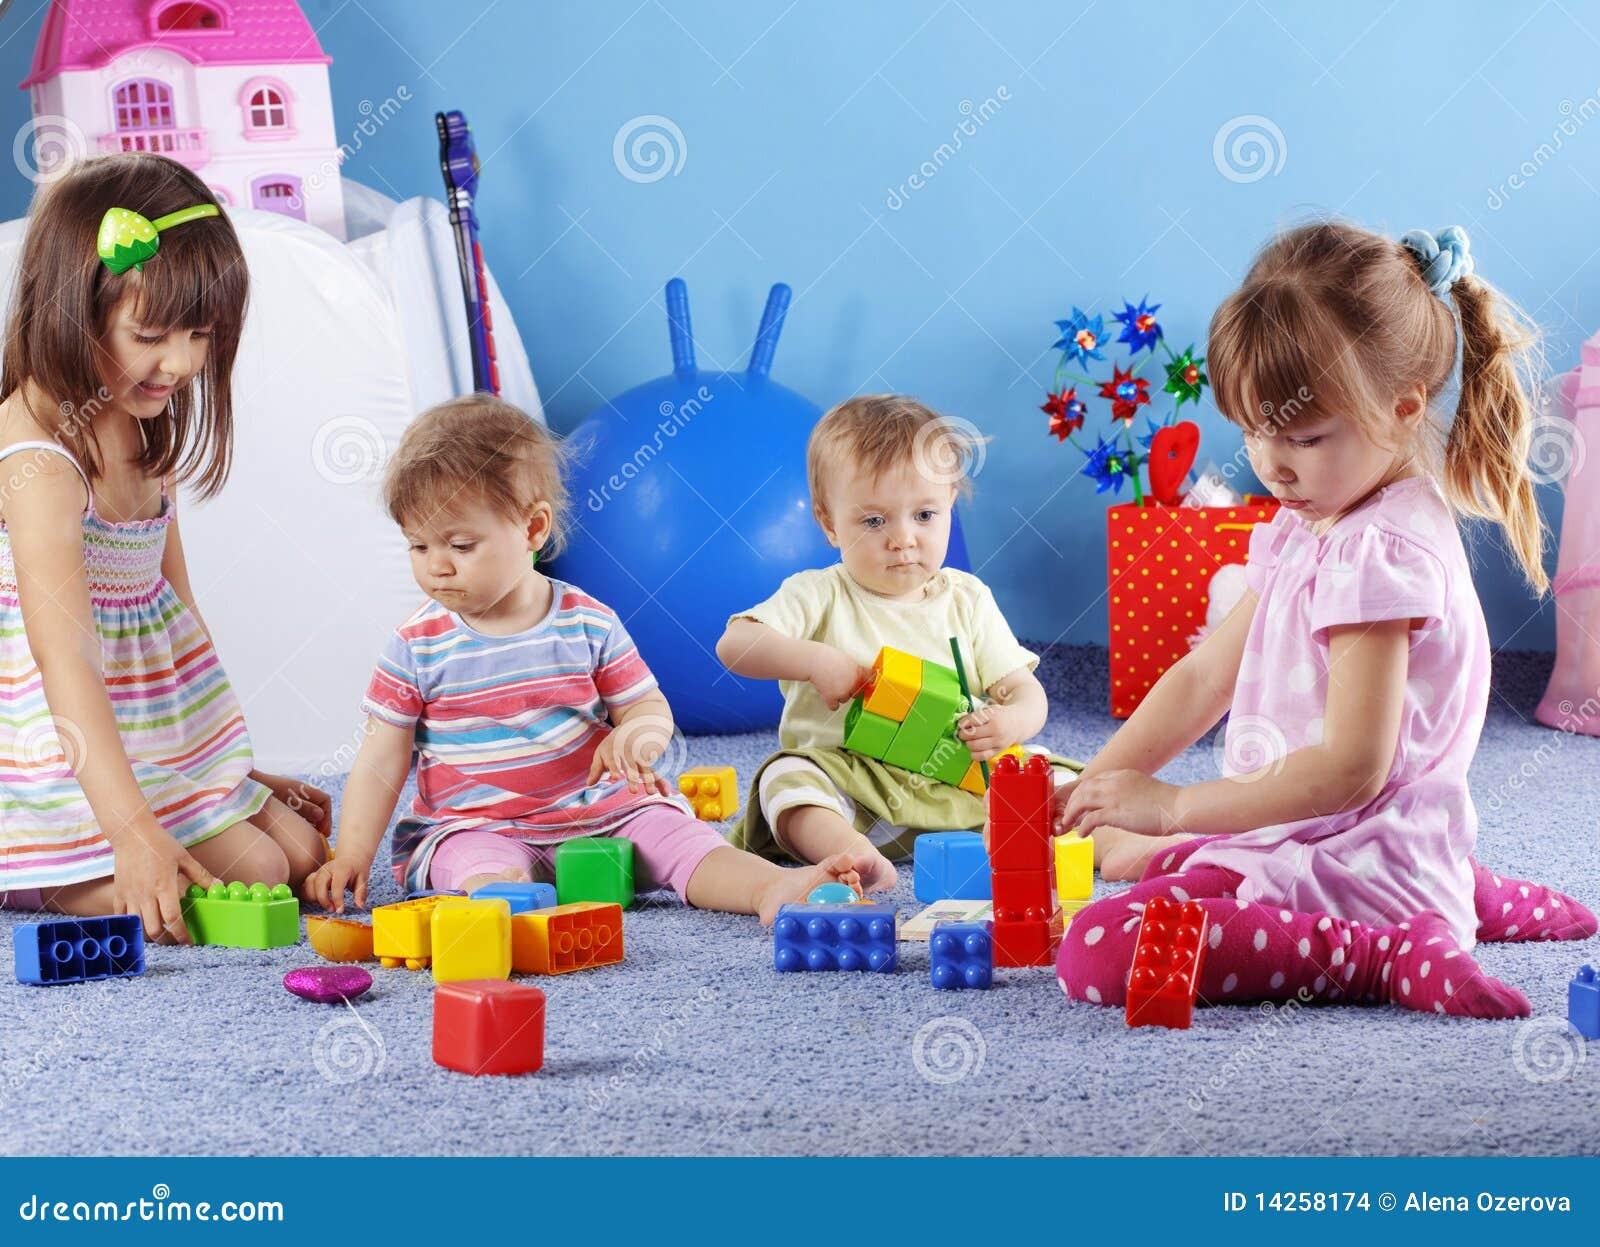 Jogando miúdos